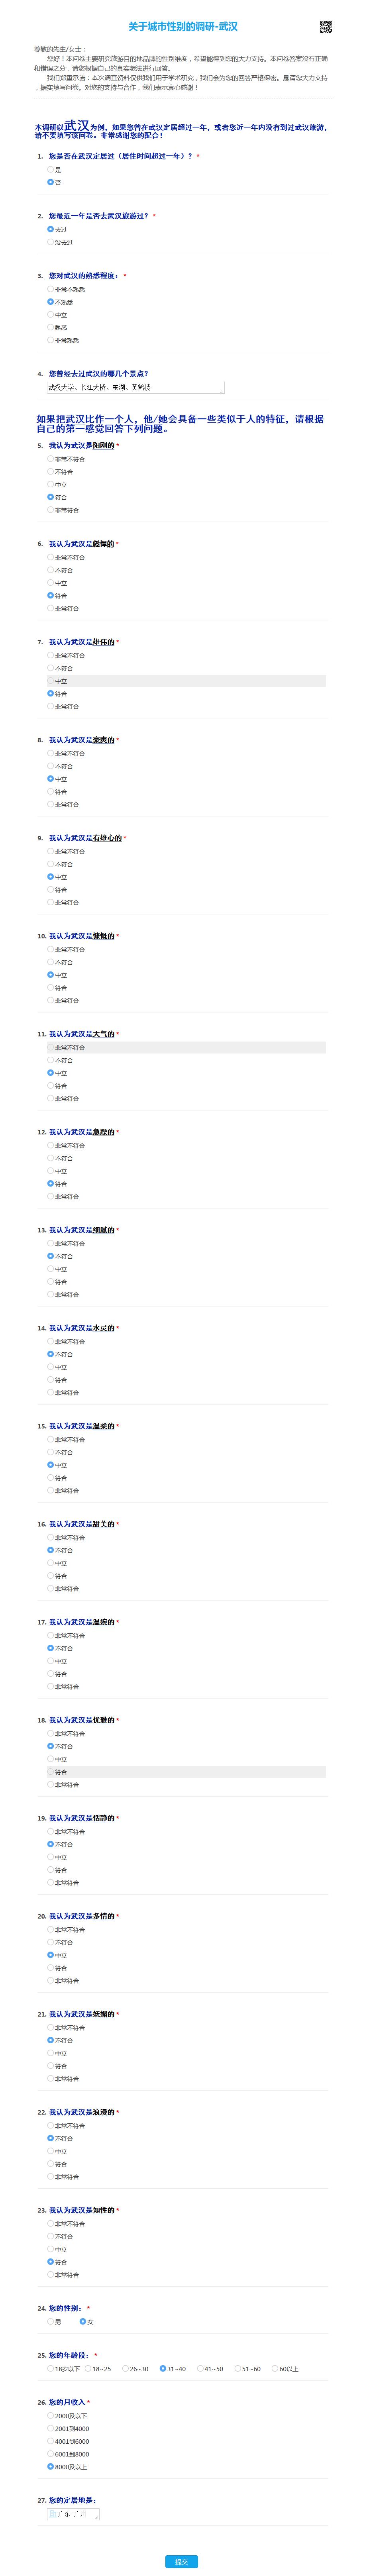 武汉旅游,希望对楼主有帮助